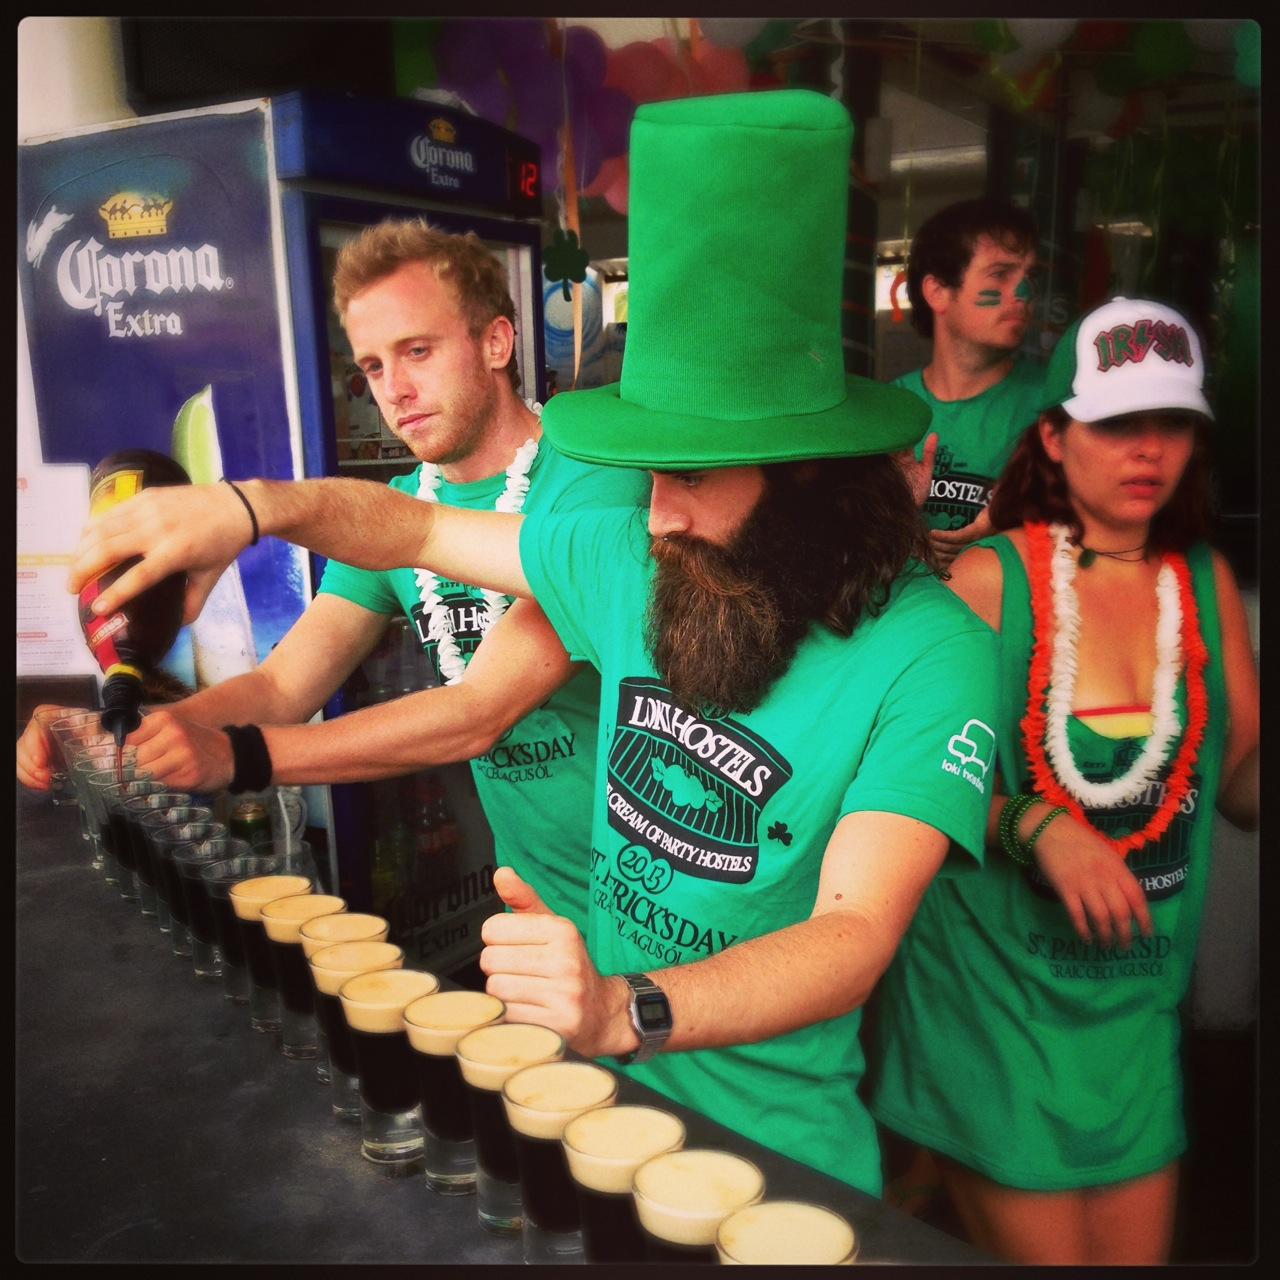 St Patrick's Day: Loki Style